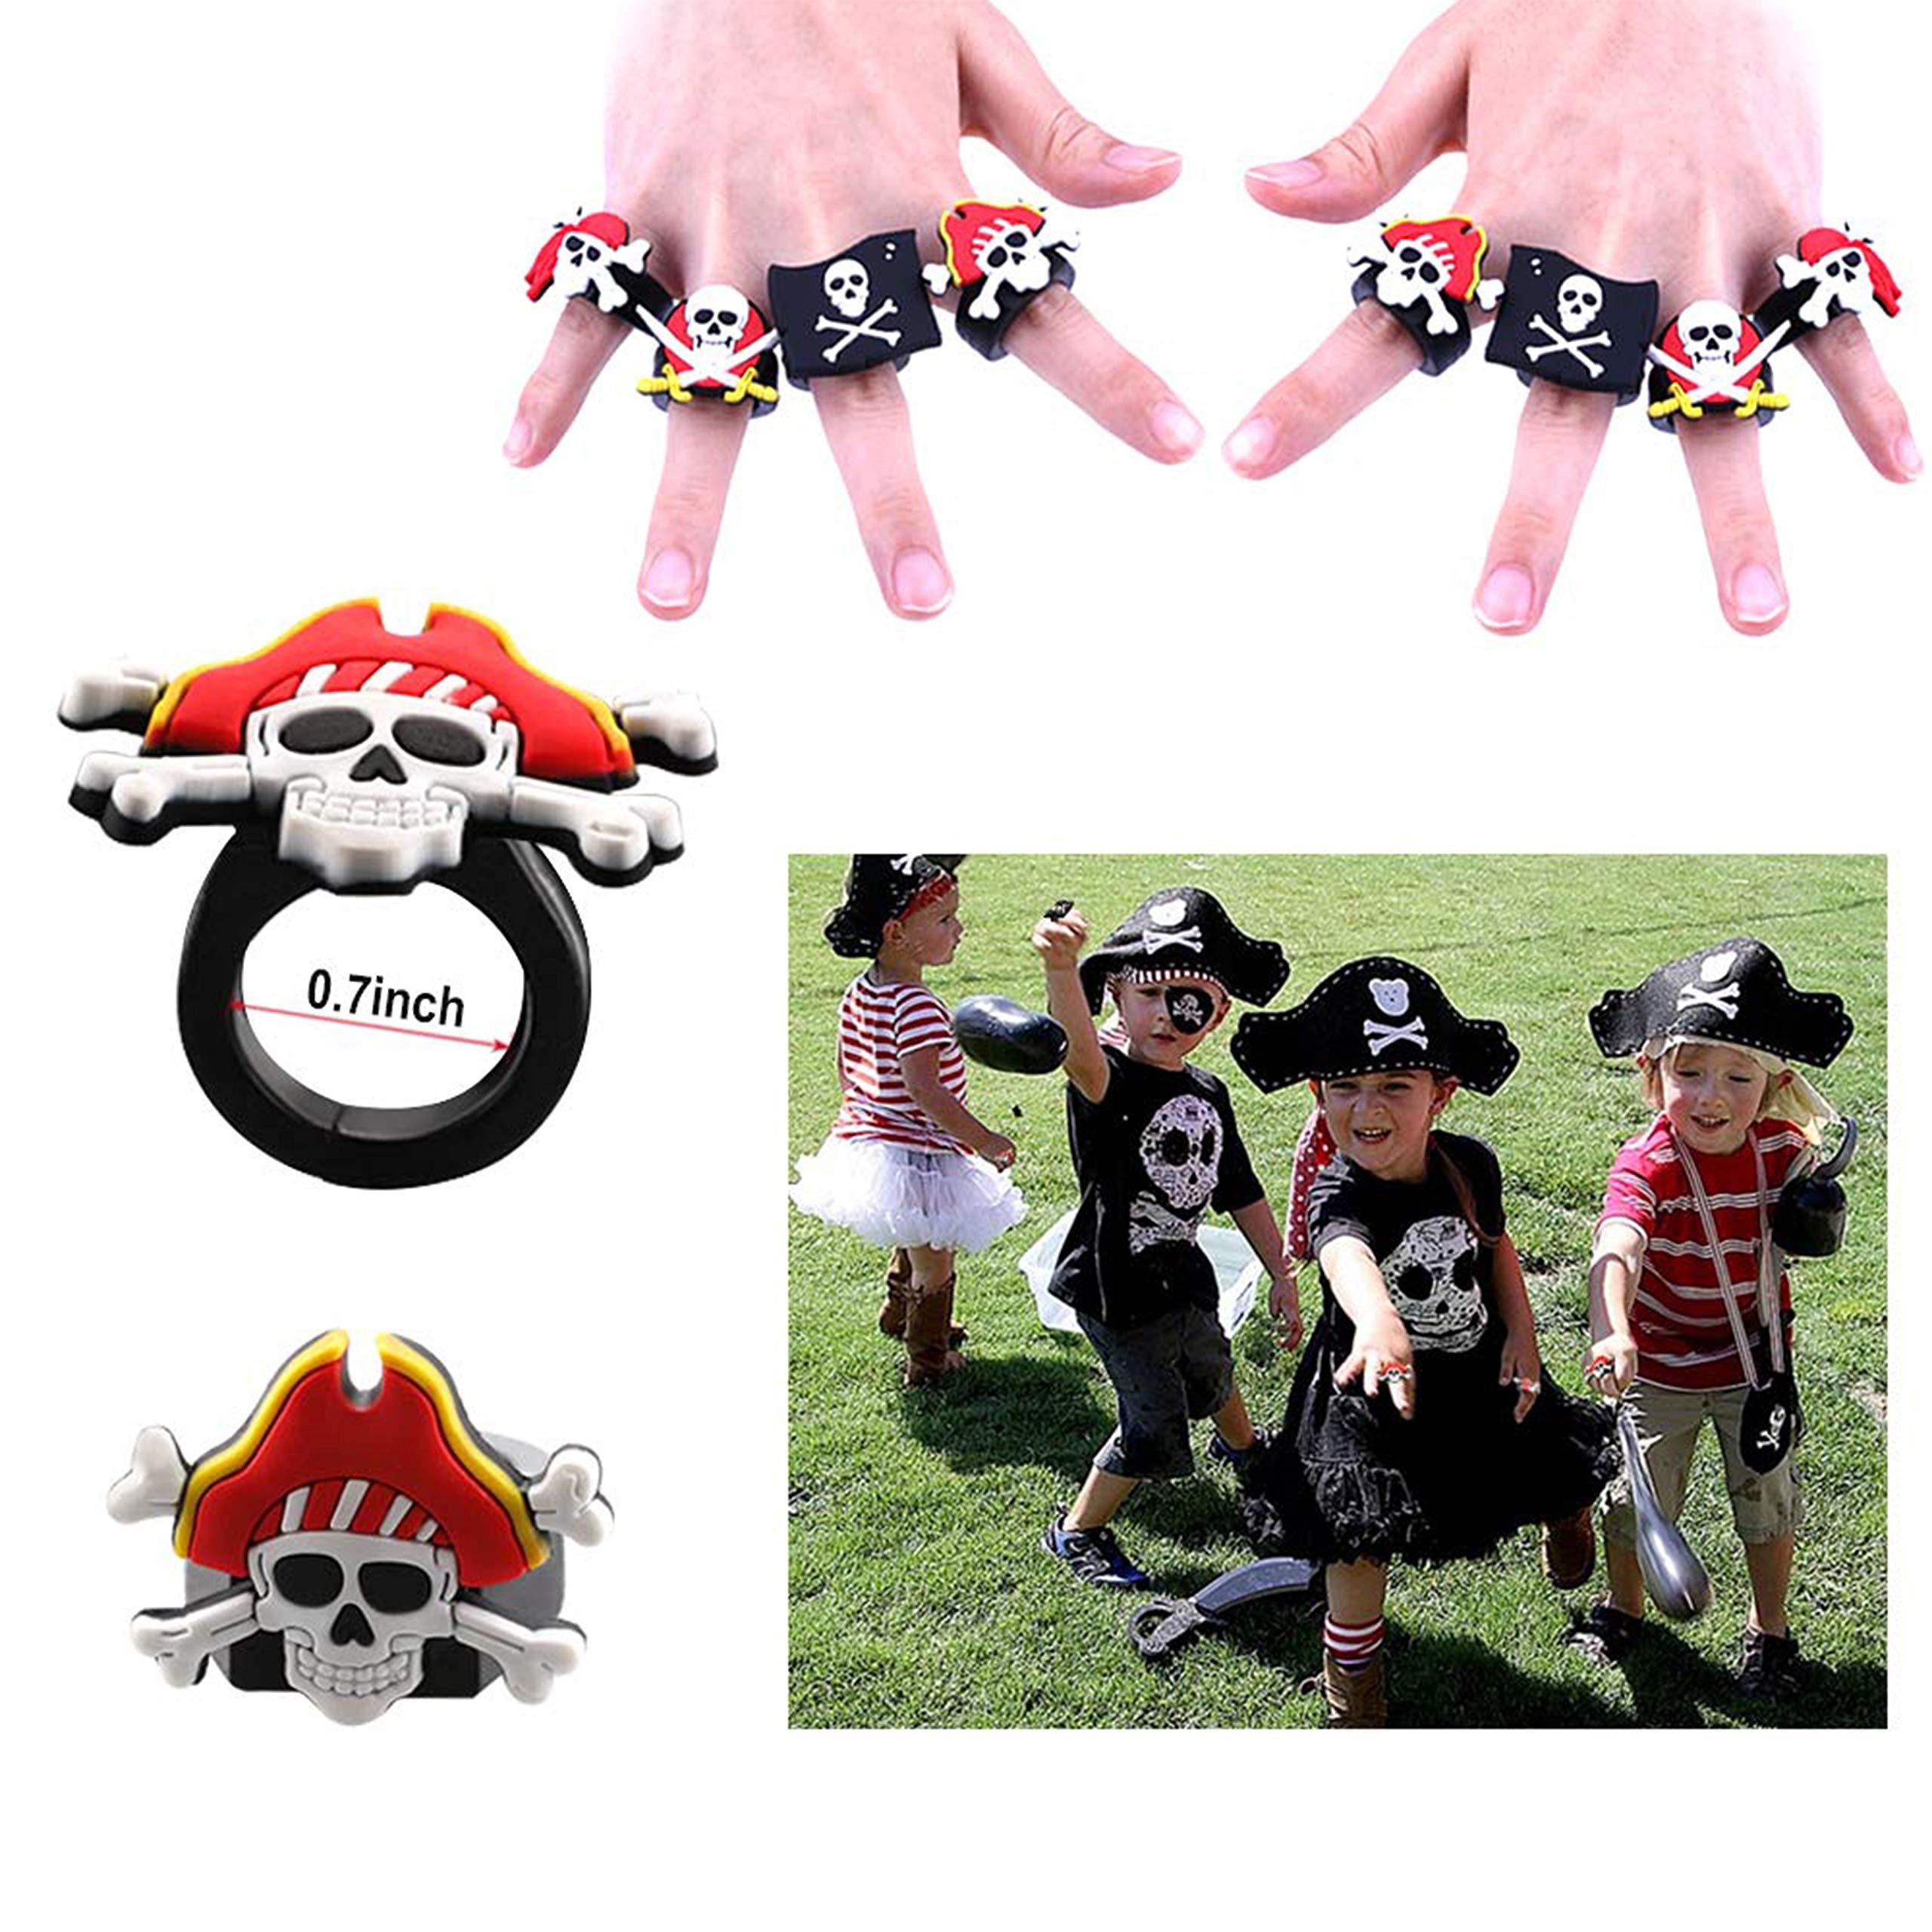 DDream Pirates Anniversaire, 32Pcs Pirates Bagues, Pirates Porte-Clés, Tatouages Temporaires de Pirates Enfant Fille Garçon pour Un Cadeau de l\'anniversaire sur Le Thème Pirates